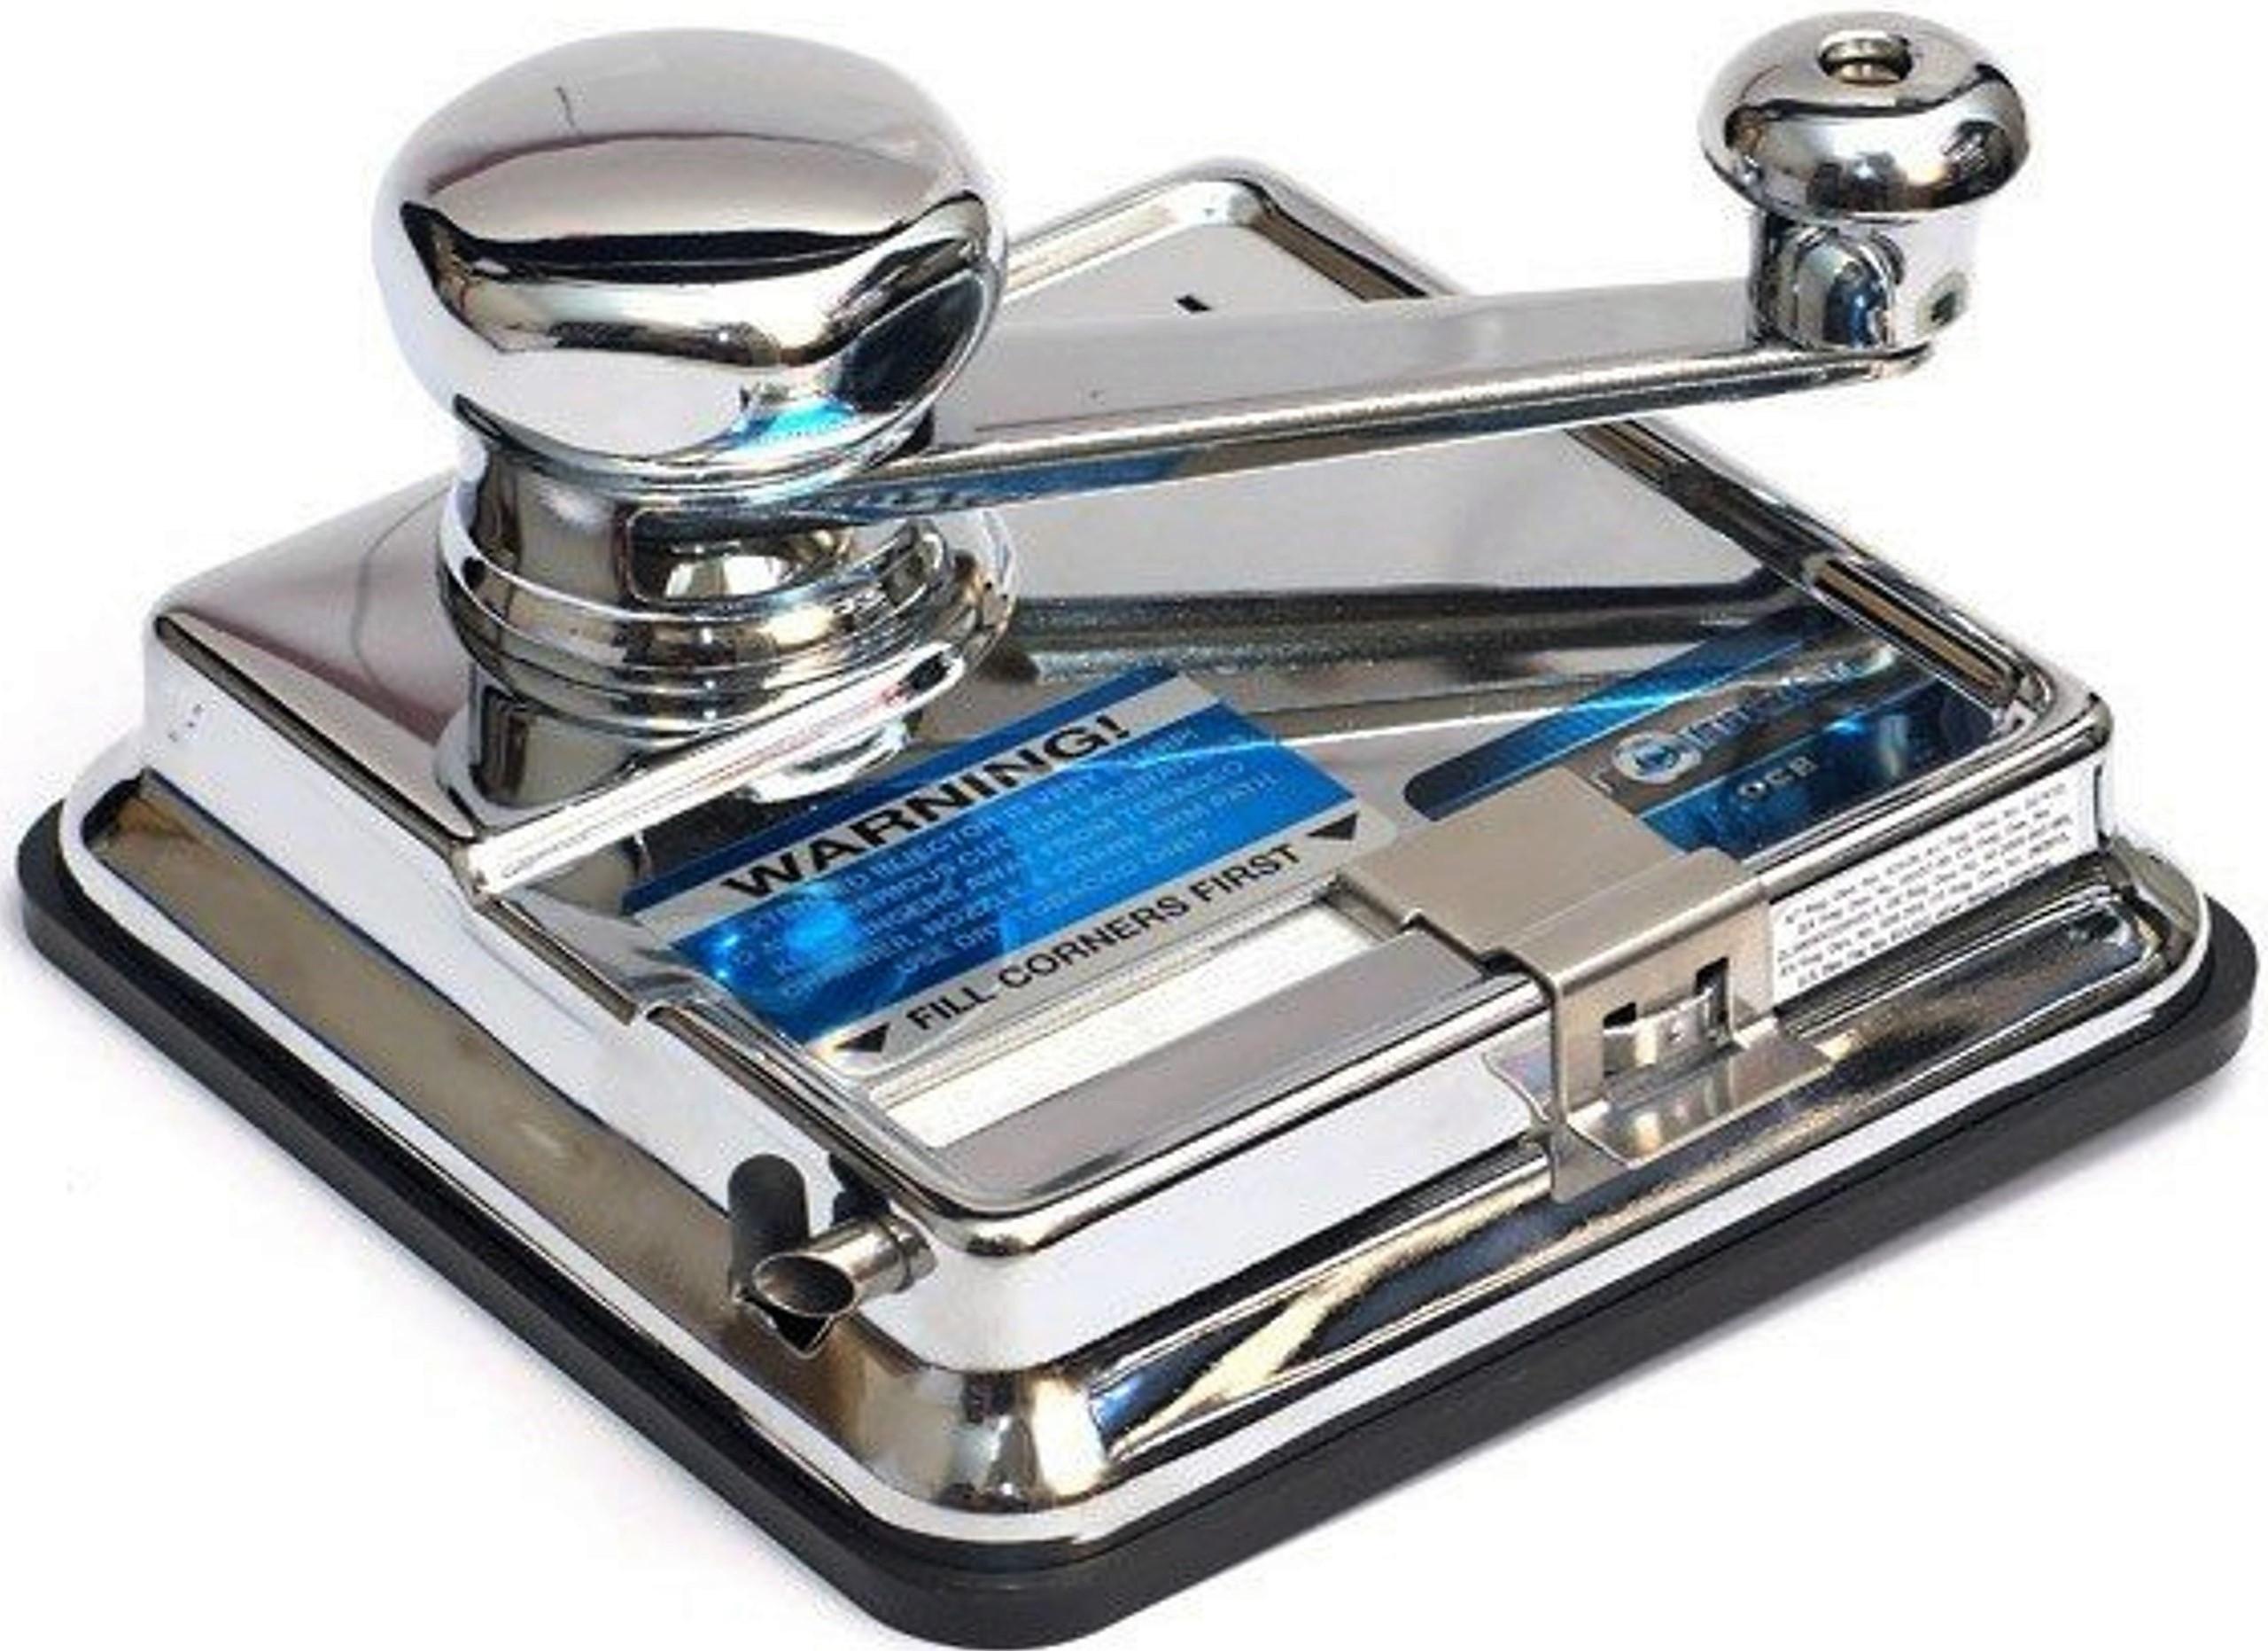 Поршневой машинка для набивки для сигарет ОКБ Mikromatic DUO